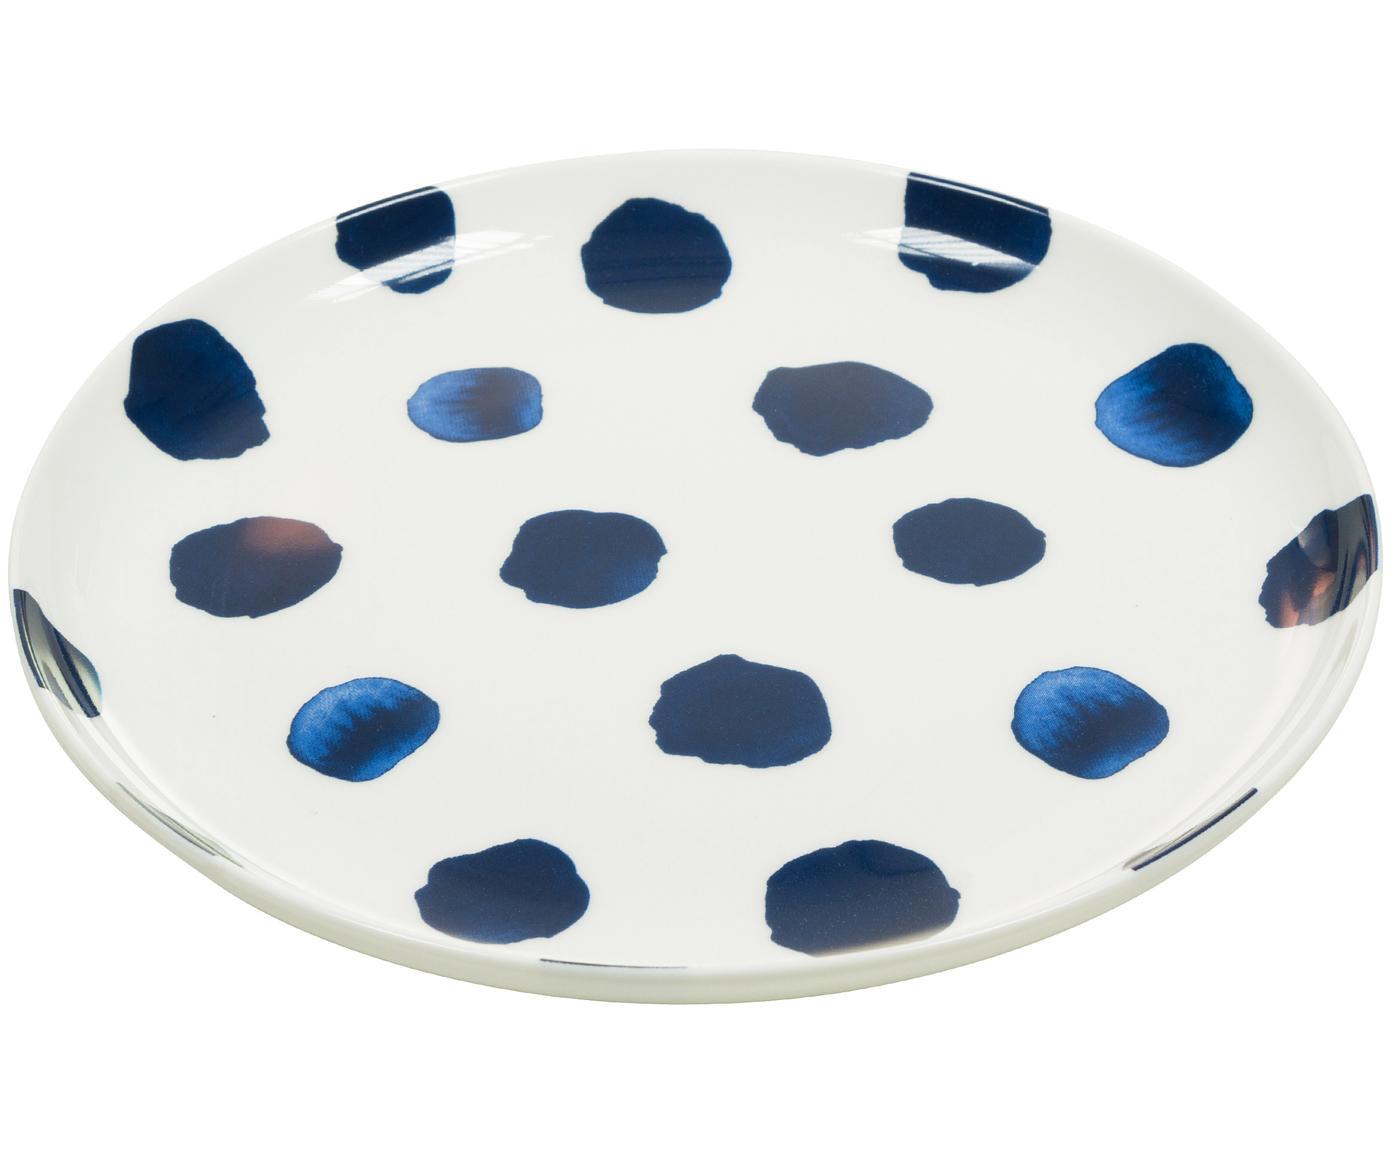 Piatto da colazione Dots, Porcellana, Blu,bianco, Ø 21 cm